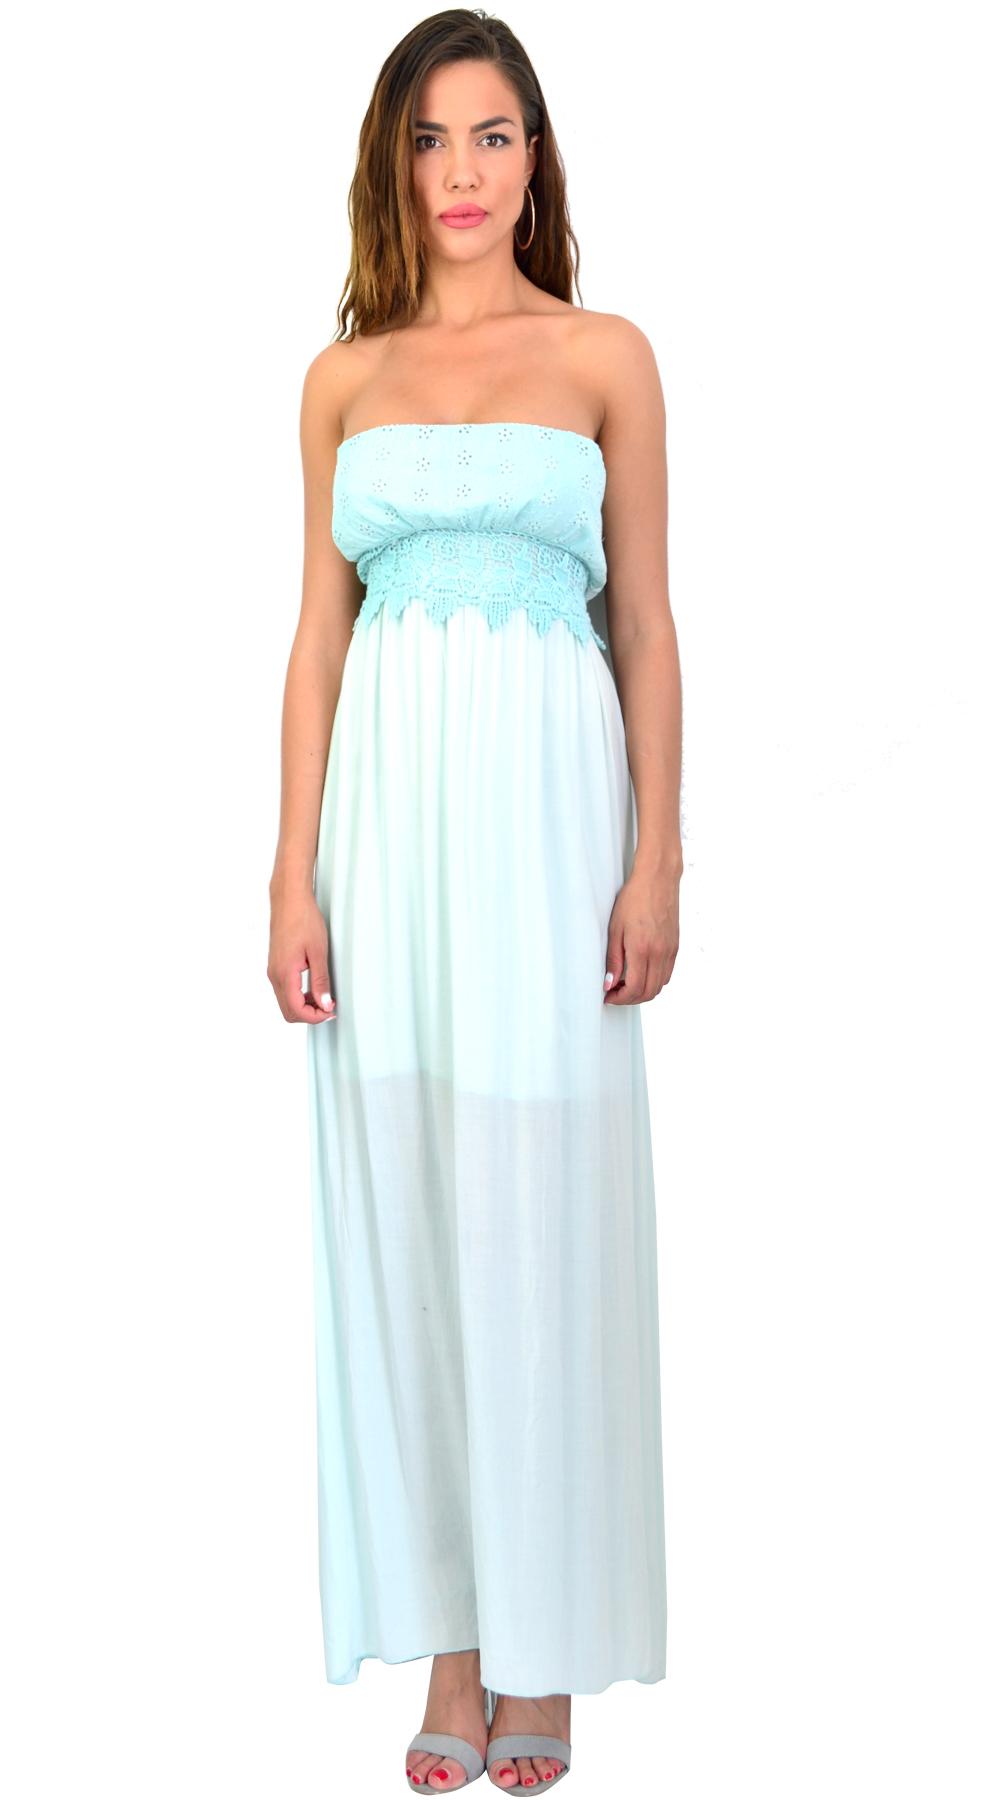 Στράπλες Μάξι Έθνικ Φόρεμα - OEM - SS16-MSR012016 φορέματα μάξι φορέματα